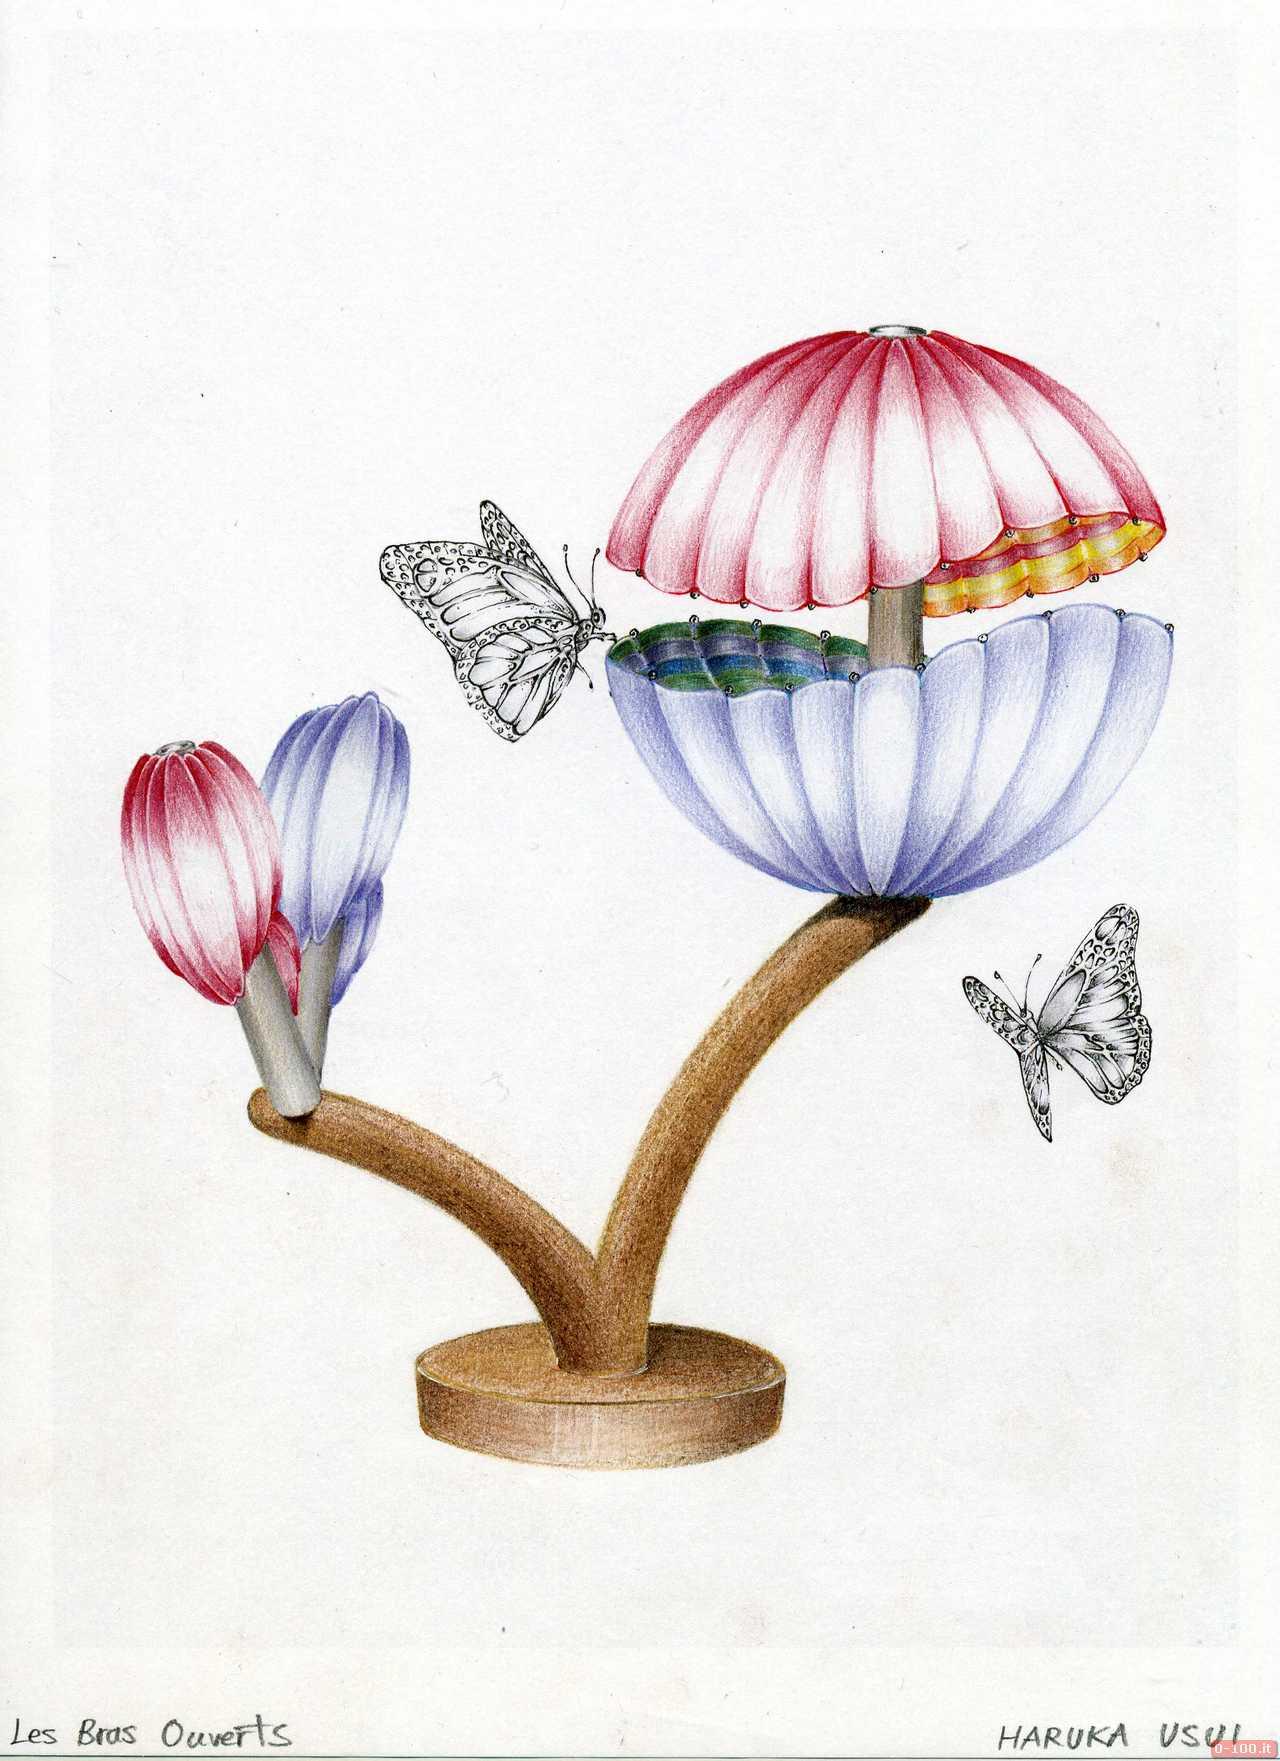 Blooming Creativity_Couleurs Du Vent e Les Bras Ouverts - Haruka Usui _Van Cleef & Arpels_0-100 2